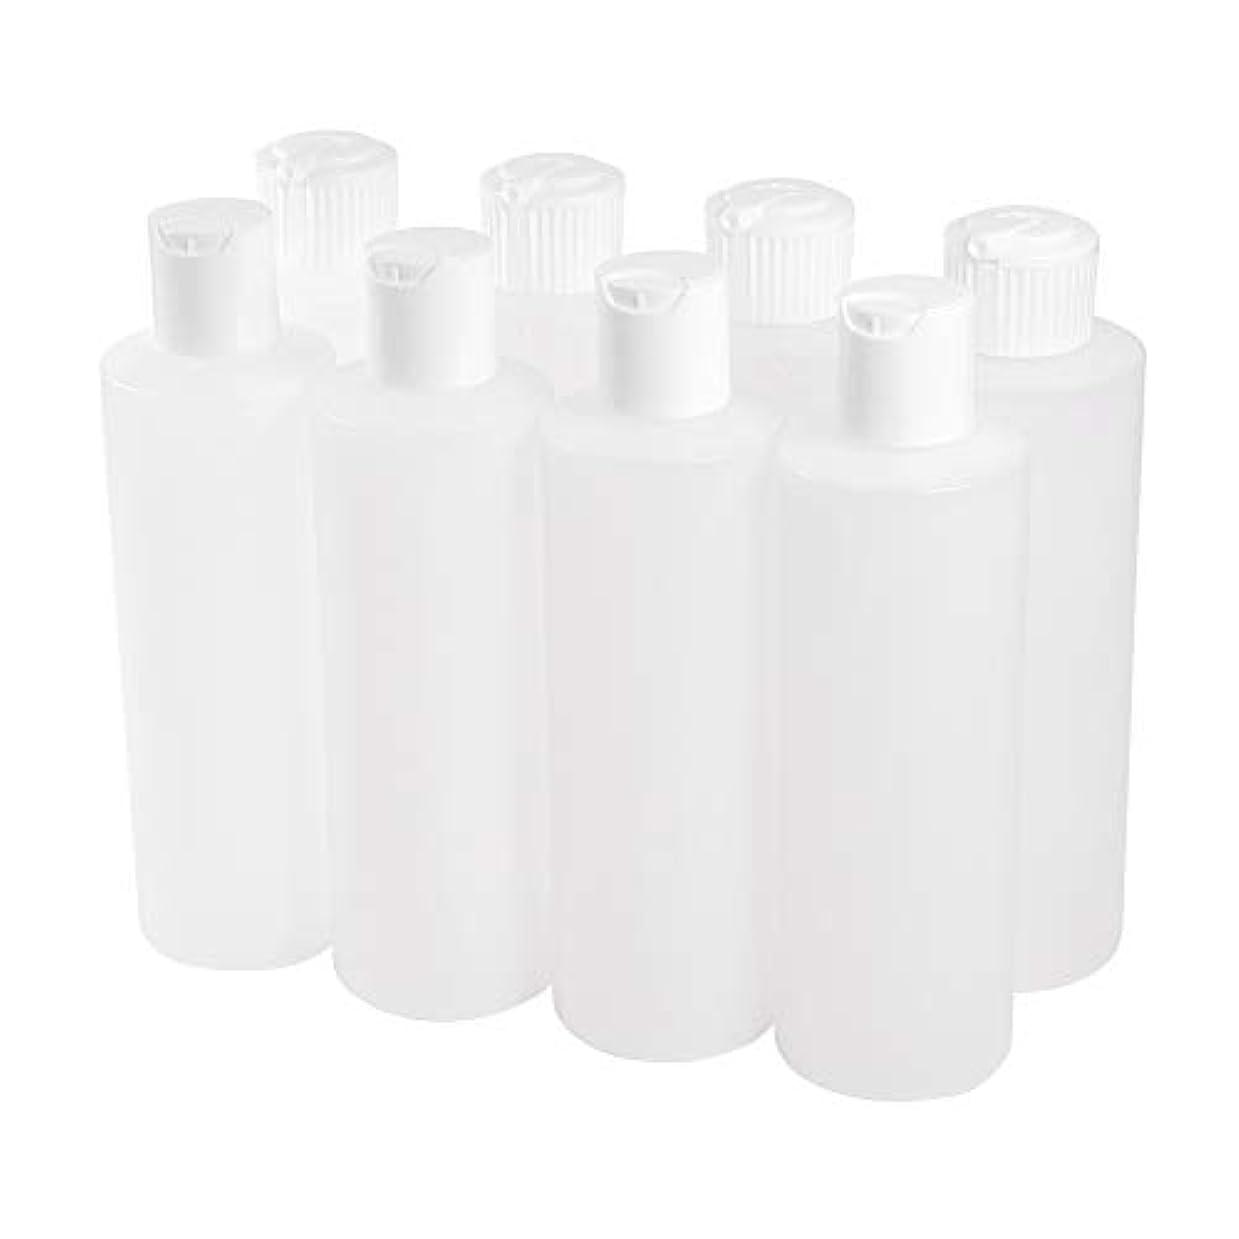 トリプル学期征服者PH PandaHall 約8個/セット 250ml ドロッパーボトル グルーボトル 液体 小分けボトル スクイズボトル 液体コンテナディスペンサー プラスチック容器 詰め替え 収納 プラスチック製 クリア 手芸用品